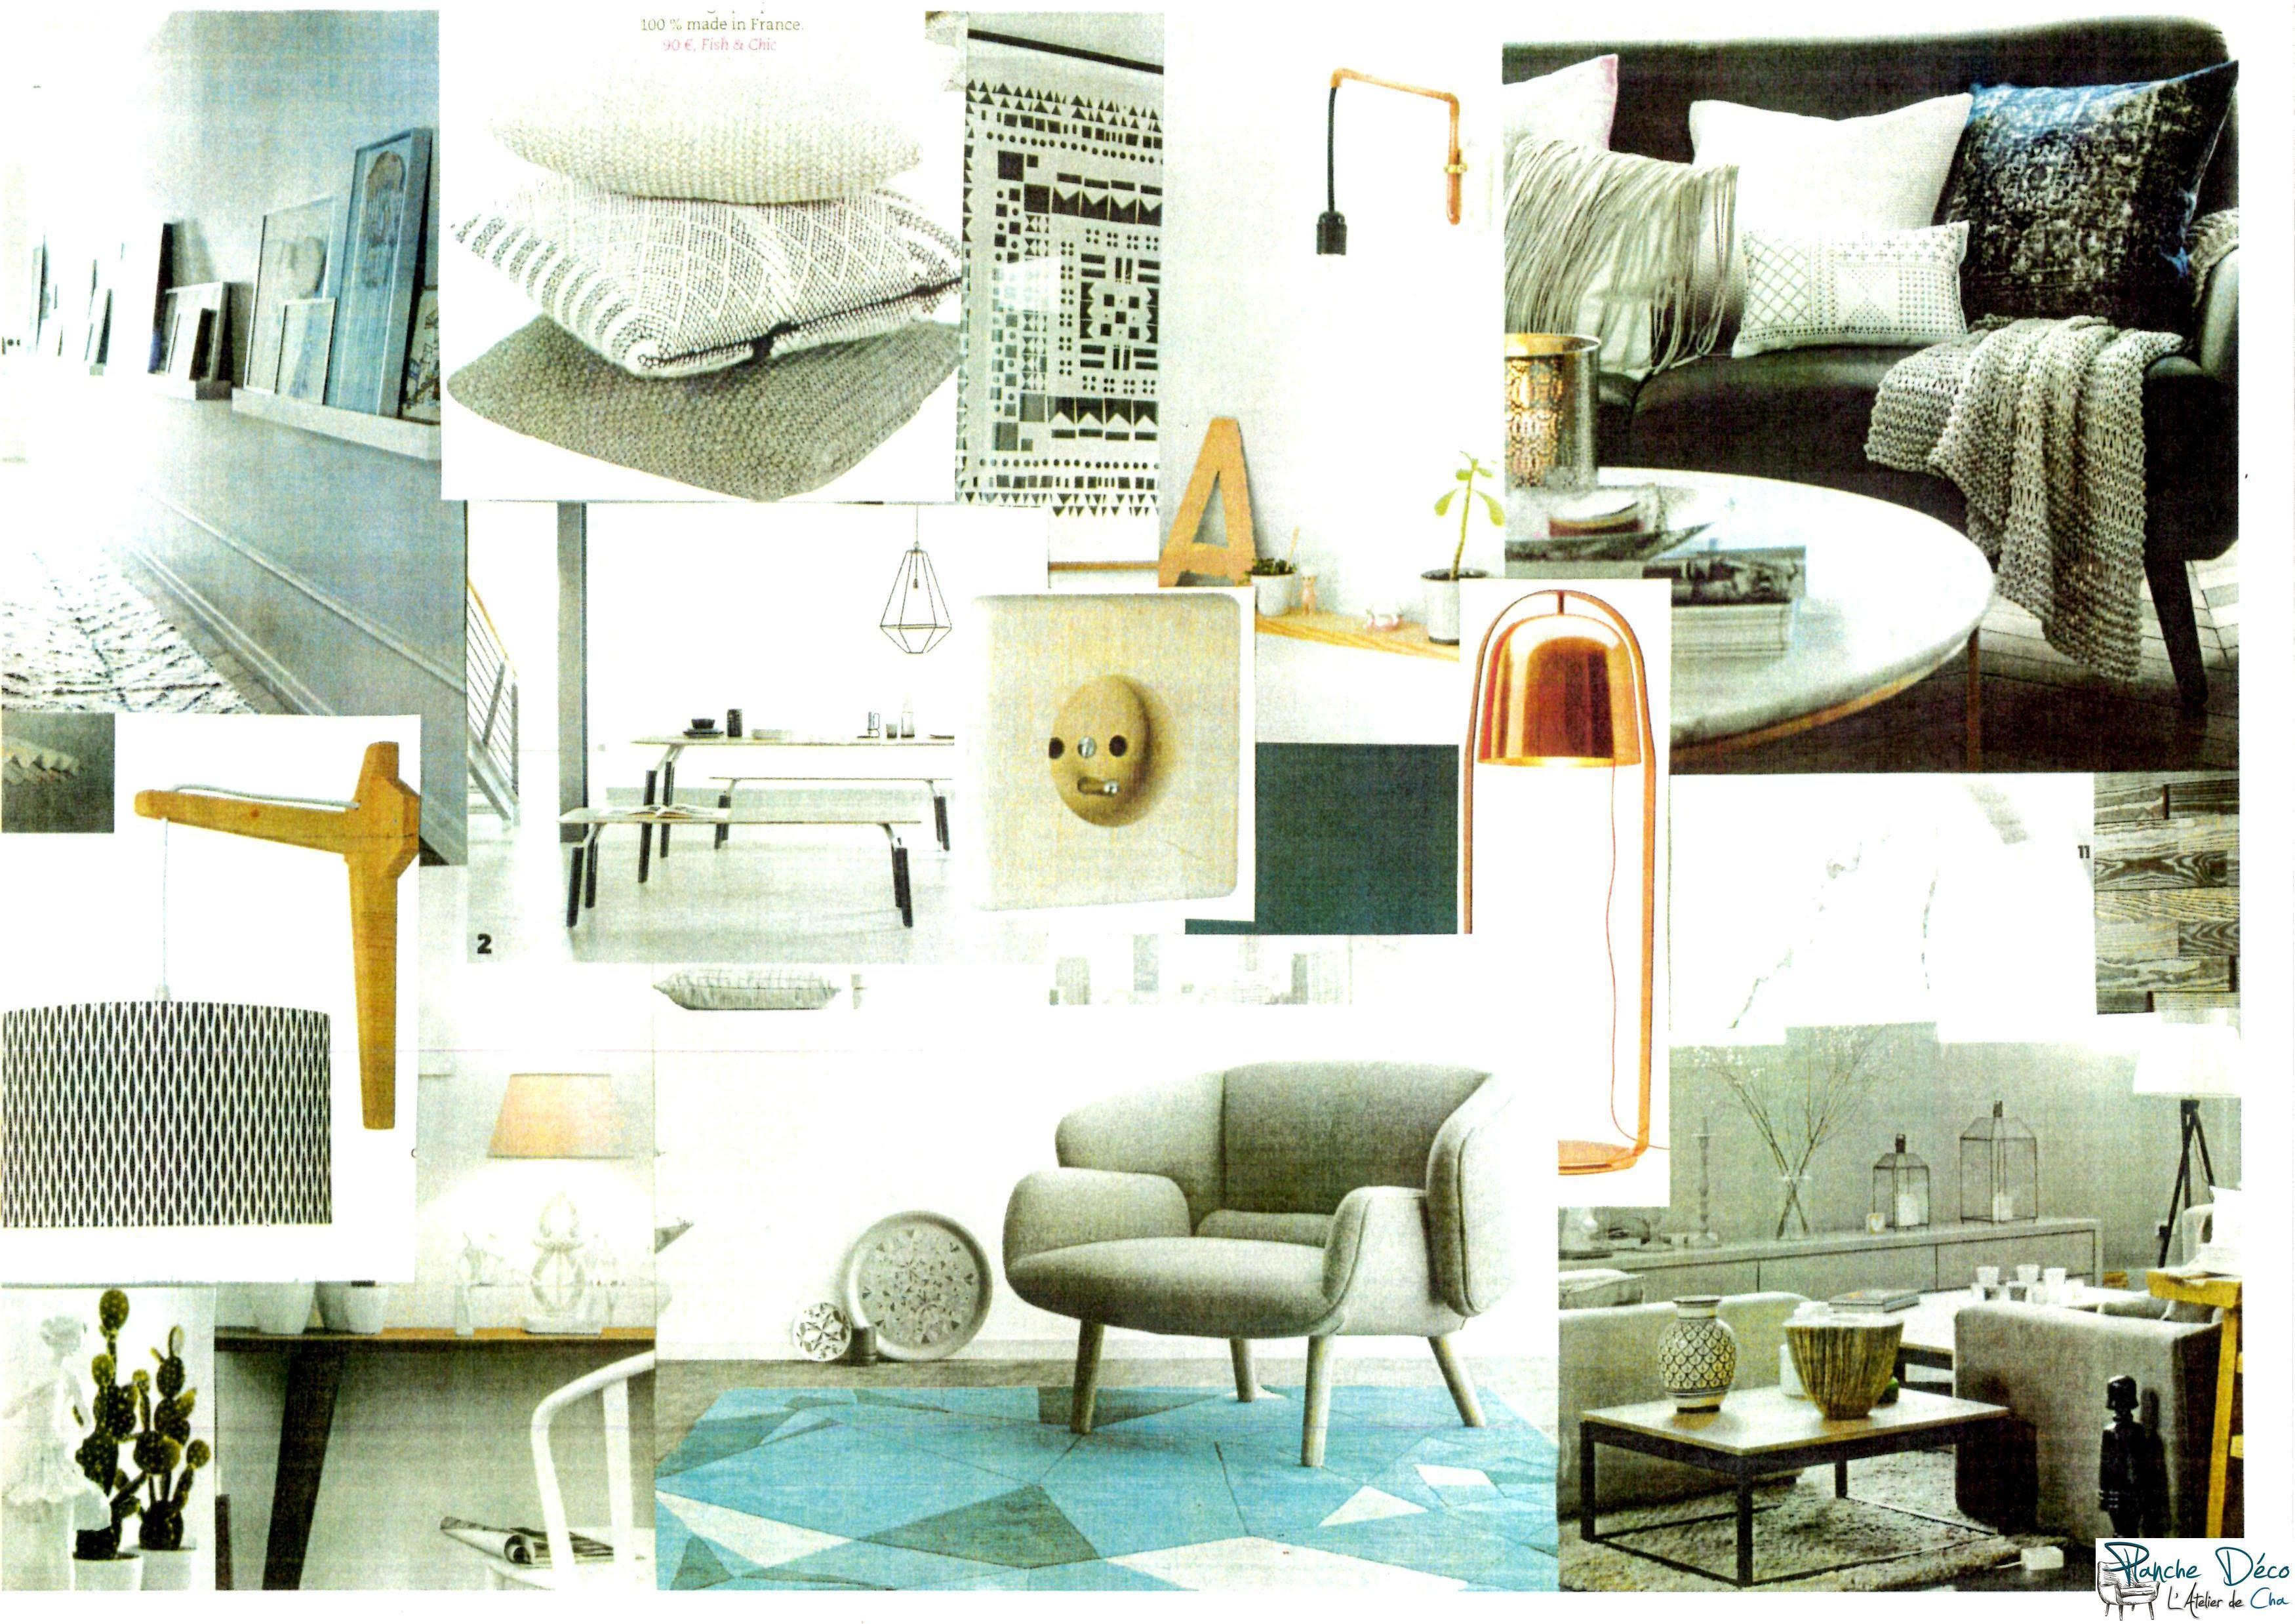 Planche d co id es d co salon scandinave cuivre ethnique nature bleu p trole planche d co - Deco salon cuivre ...